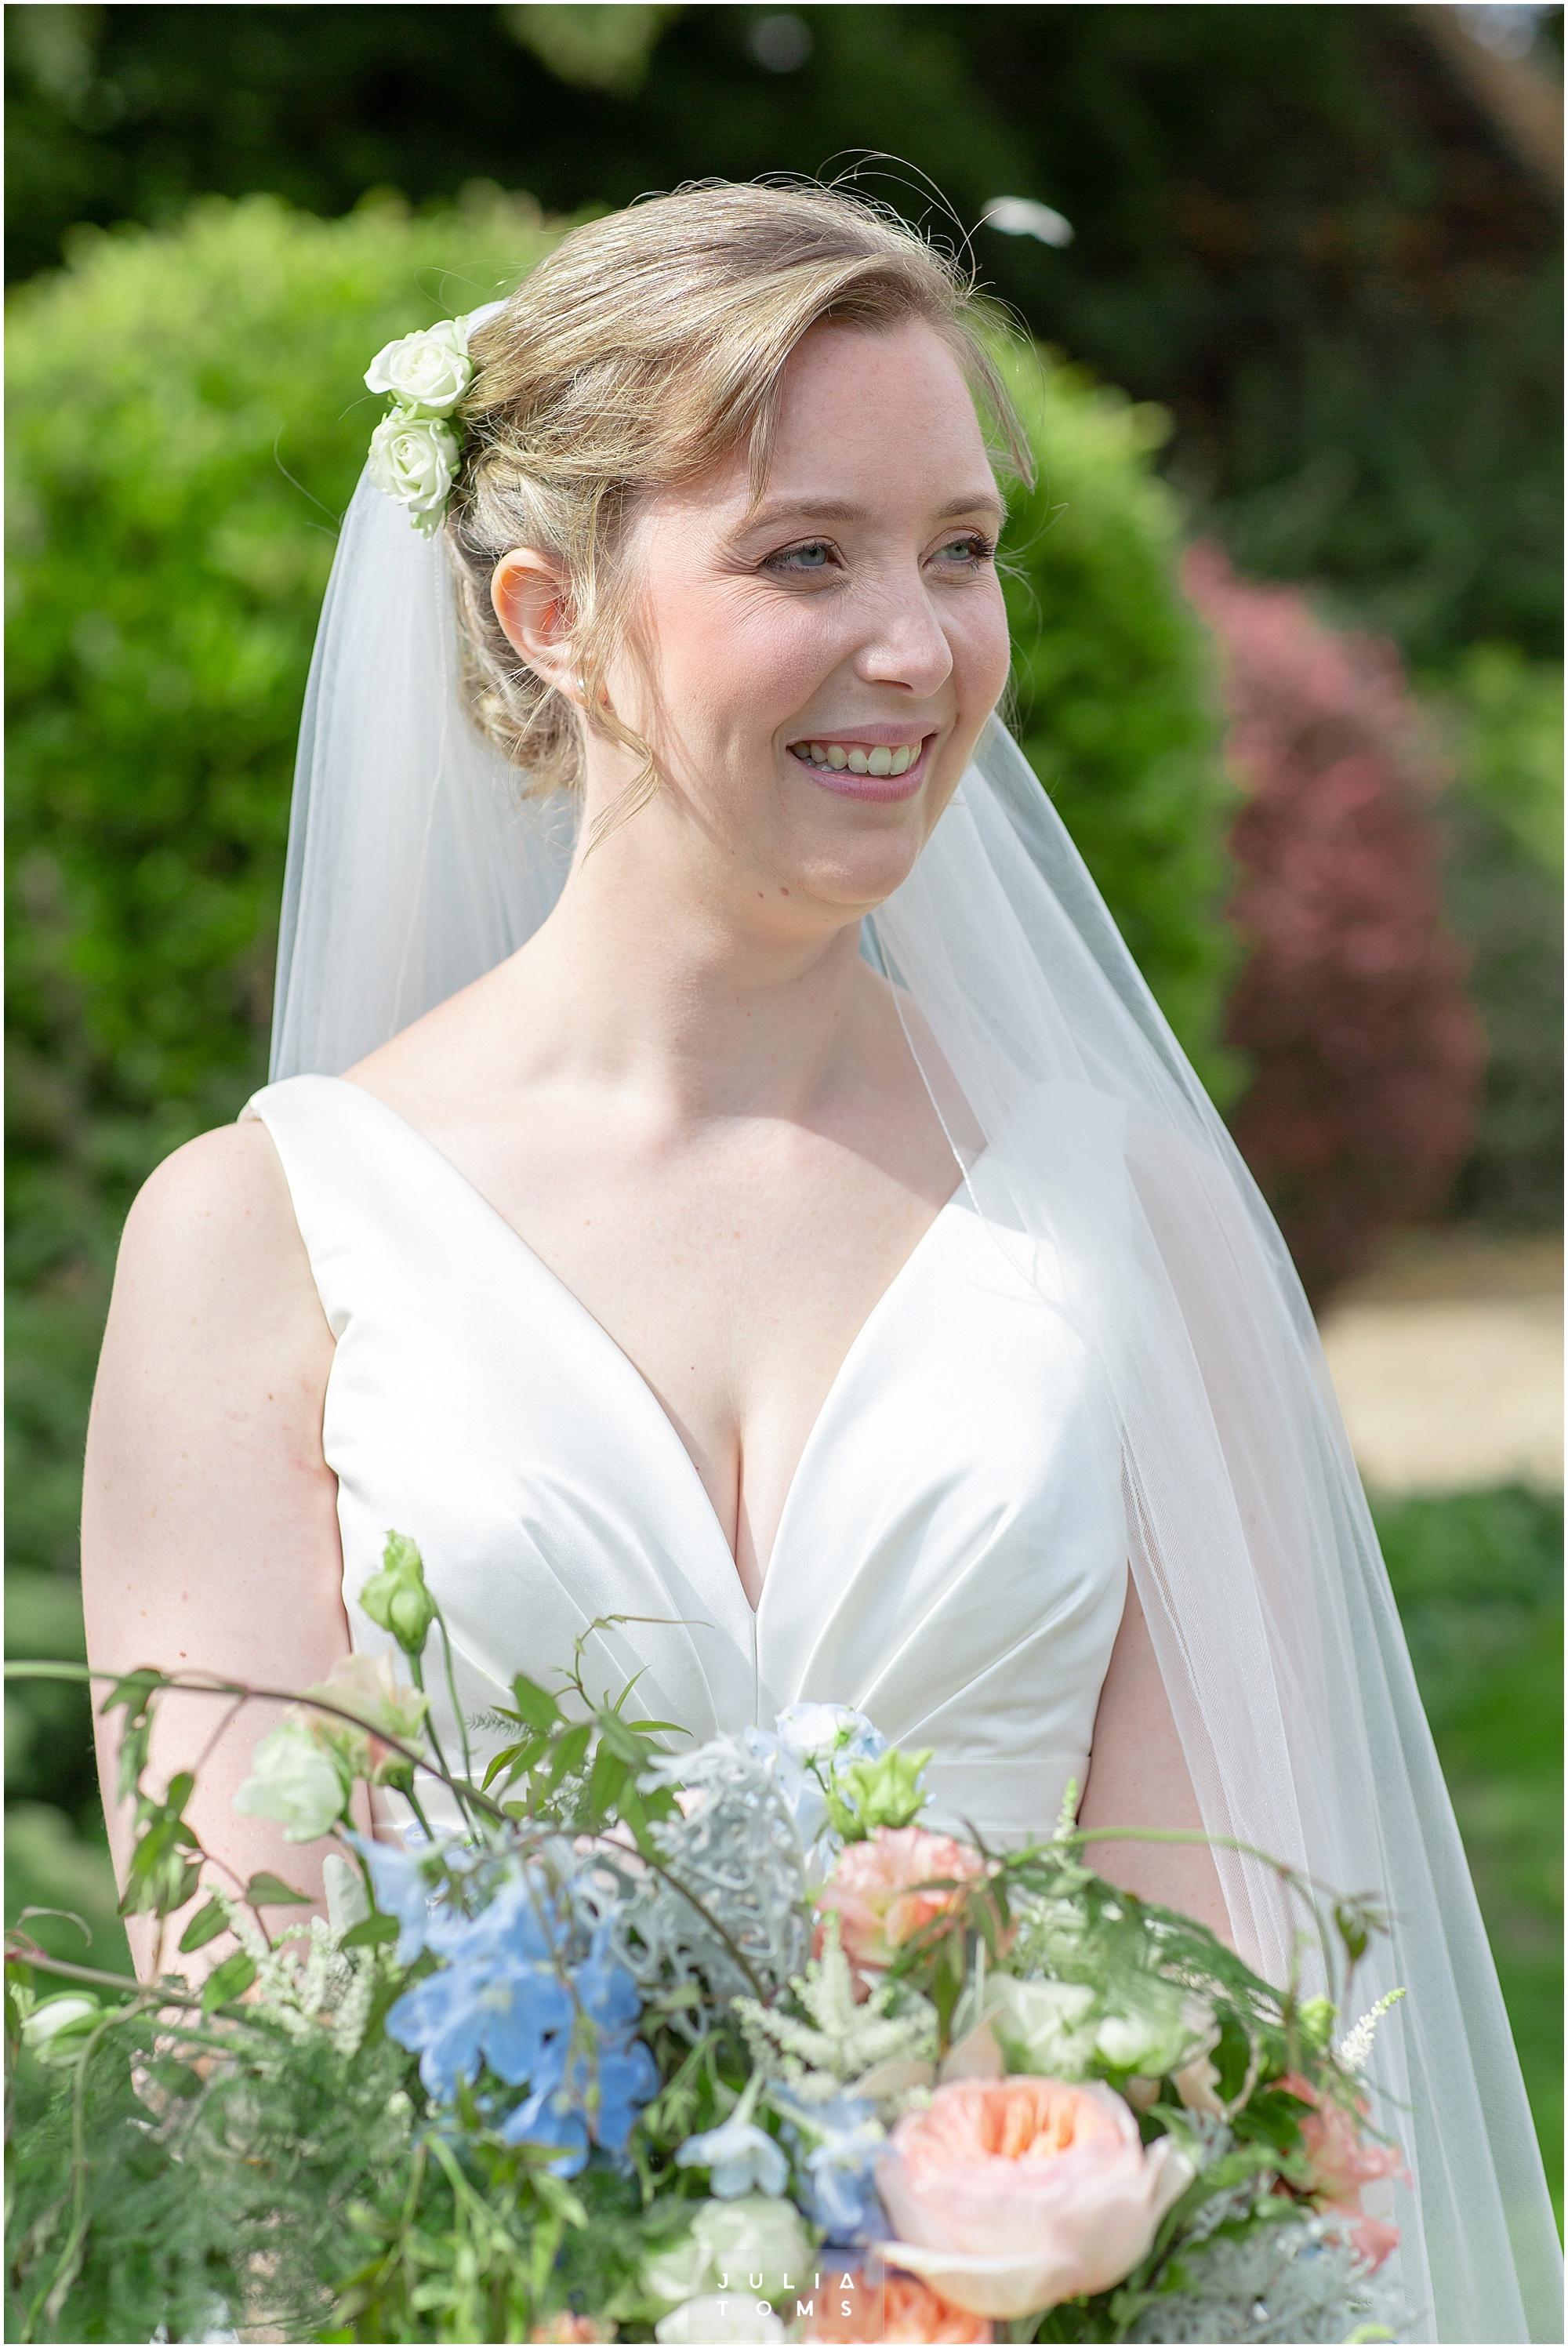 westsussex_wedding_photographer_westdean_074.jpg